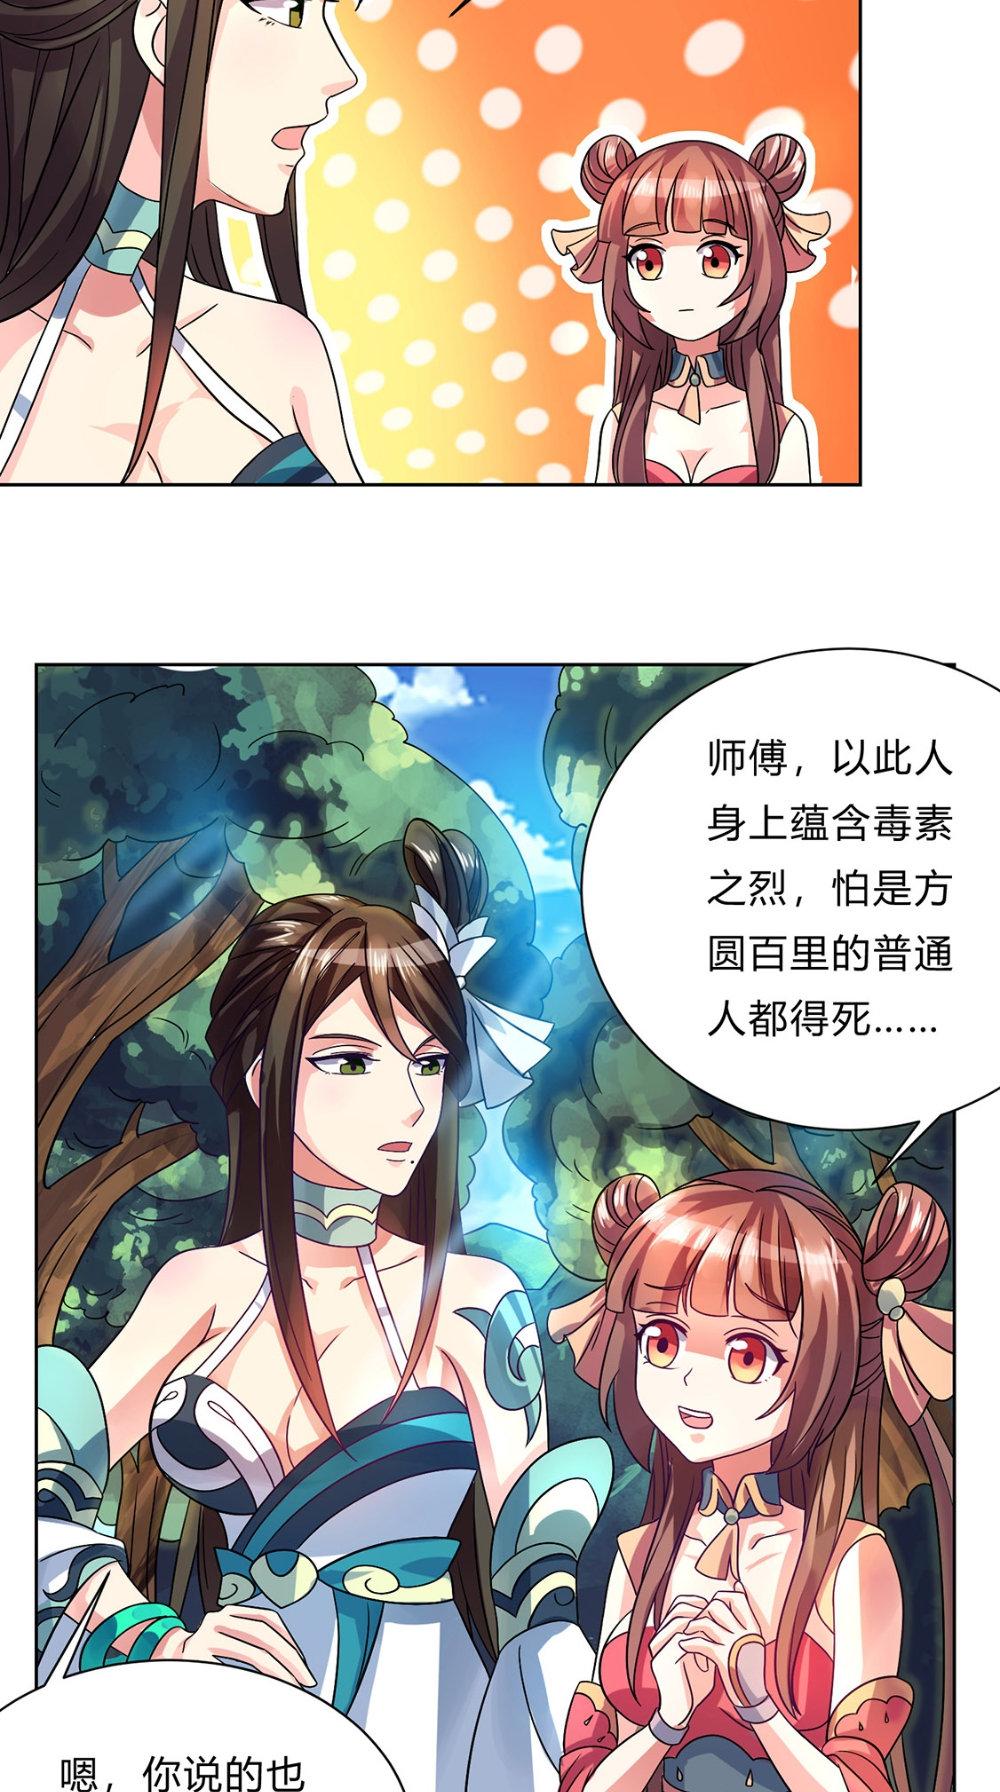 【小漫画】为了给女友一个生日惊喜的他,却发现她与其他男人...